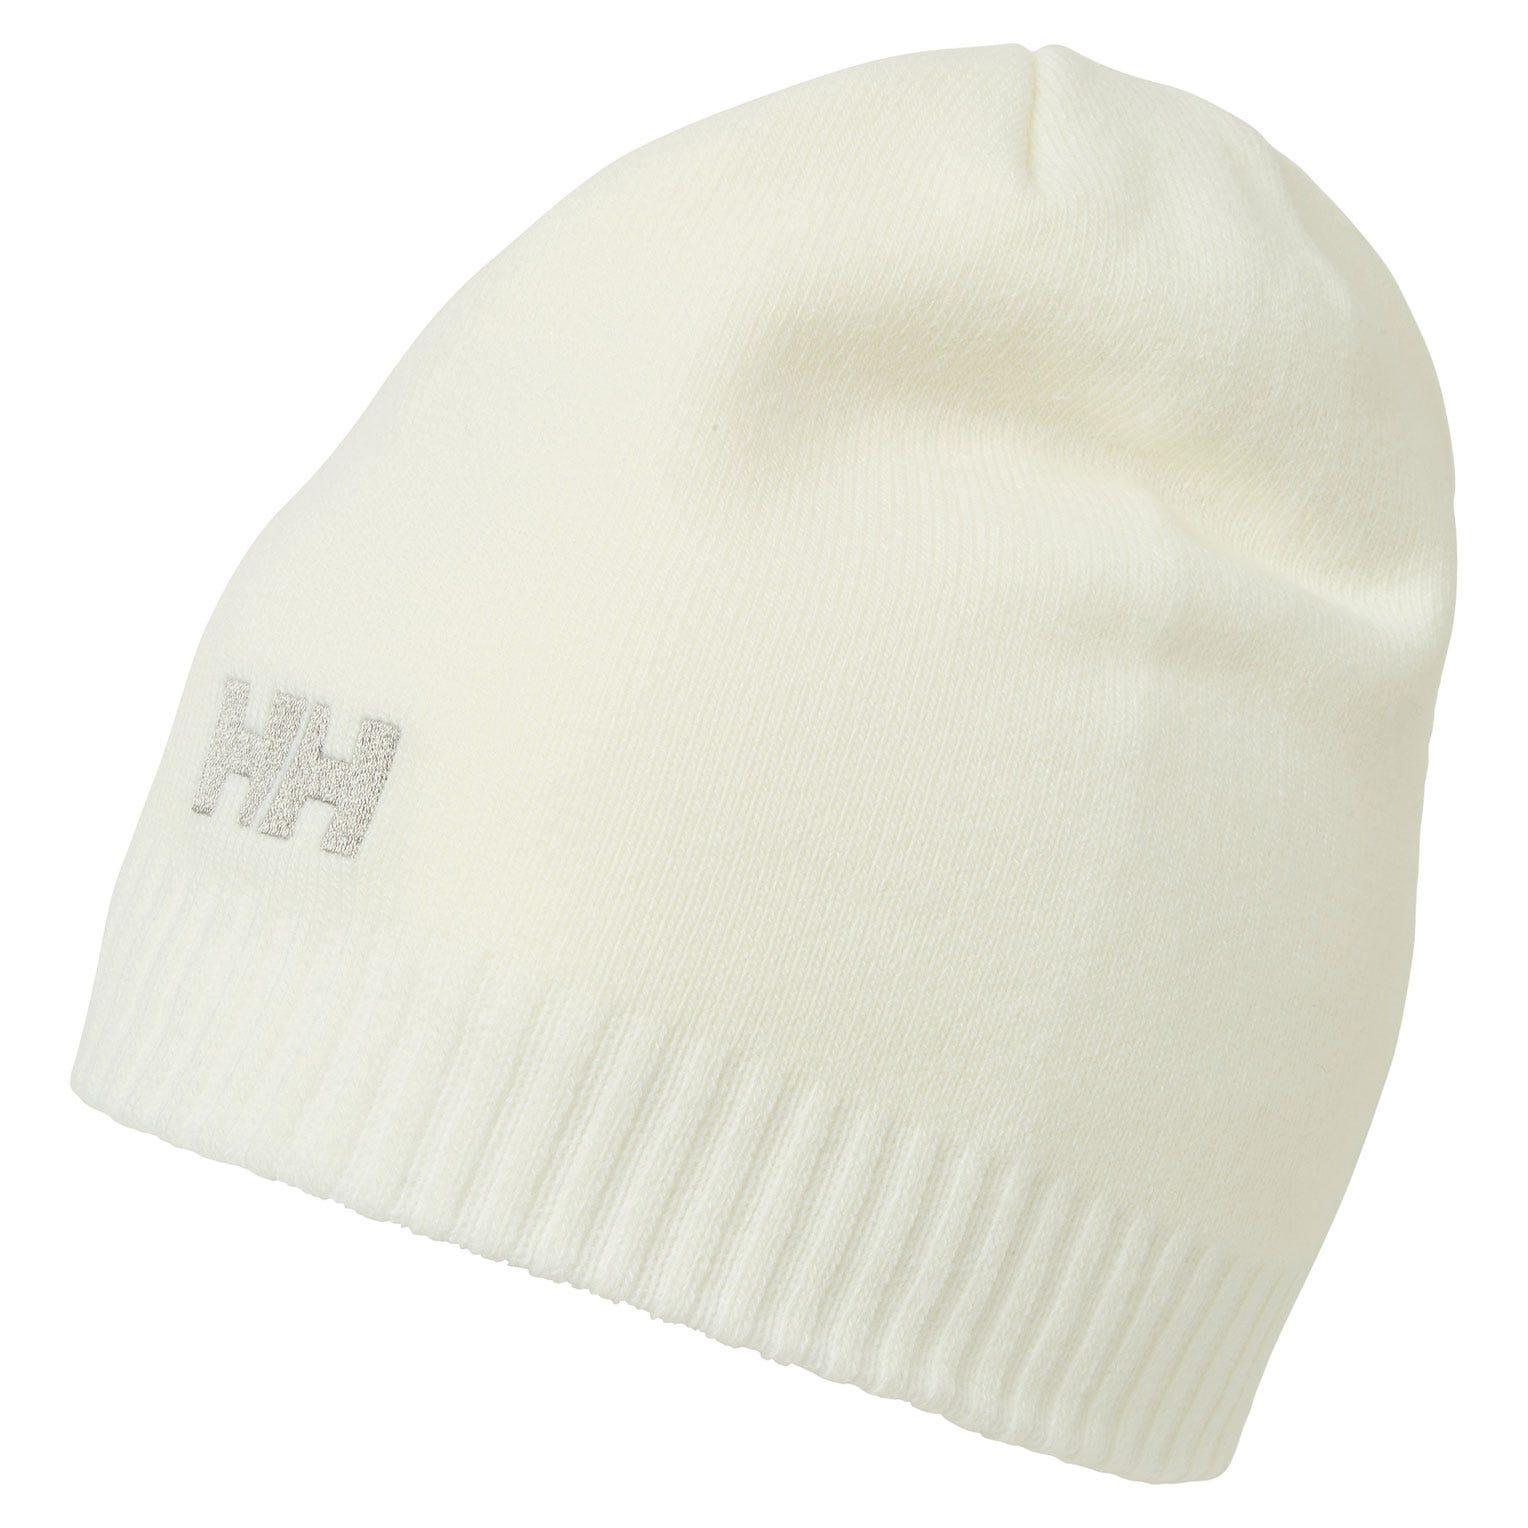 Helly Hansen Brand Beanie White STD